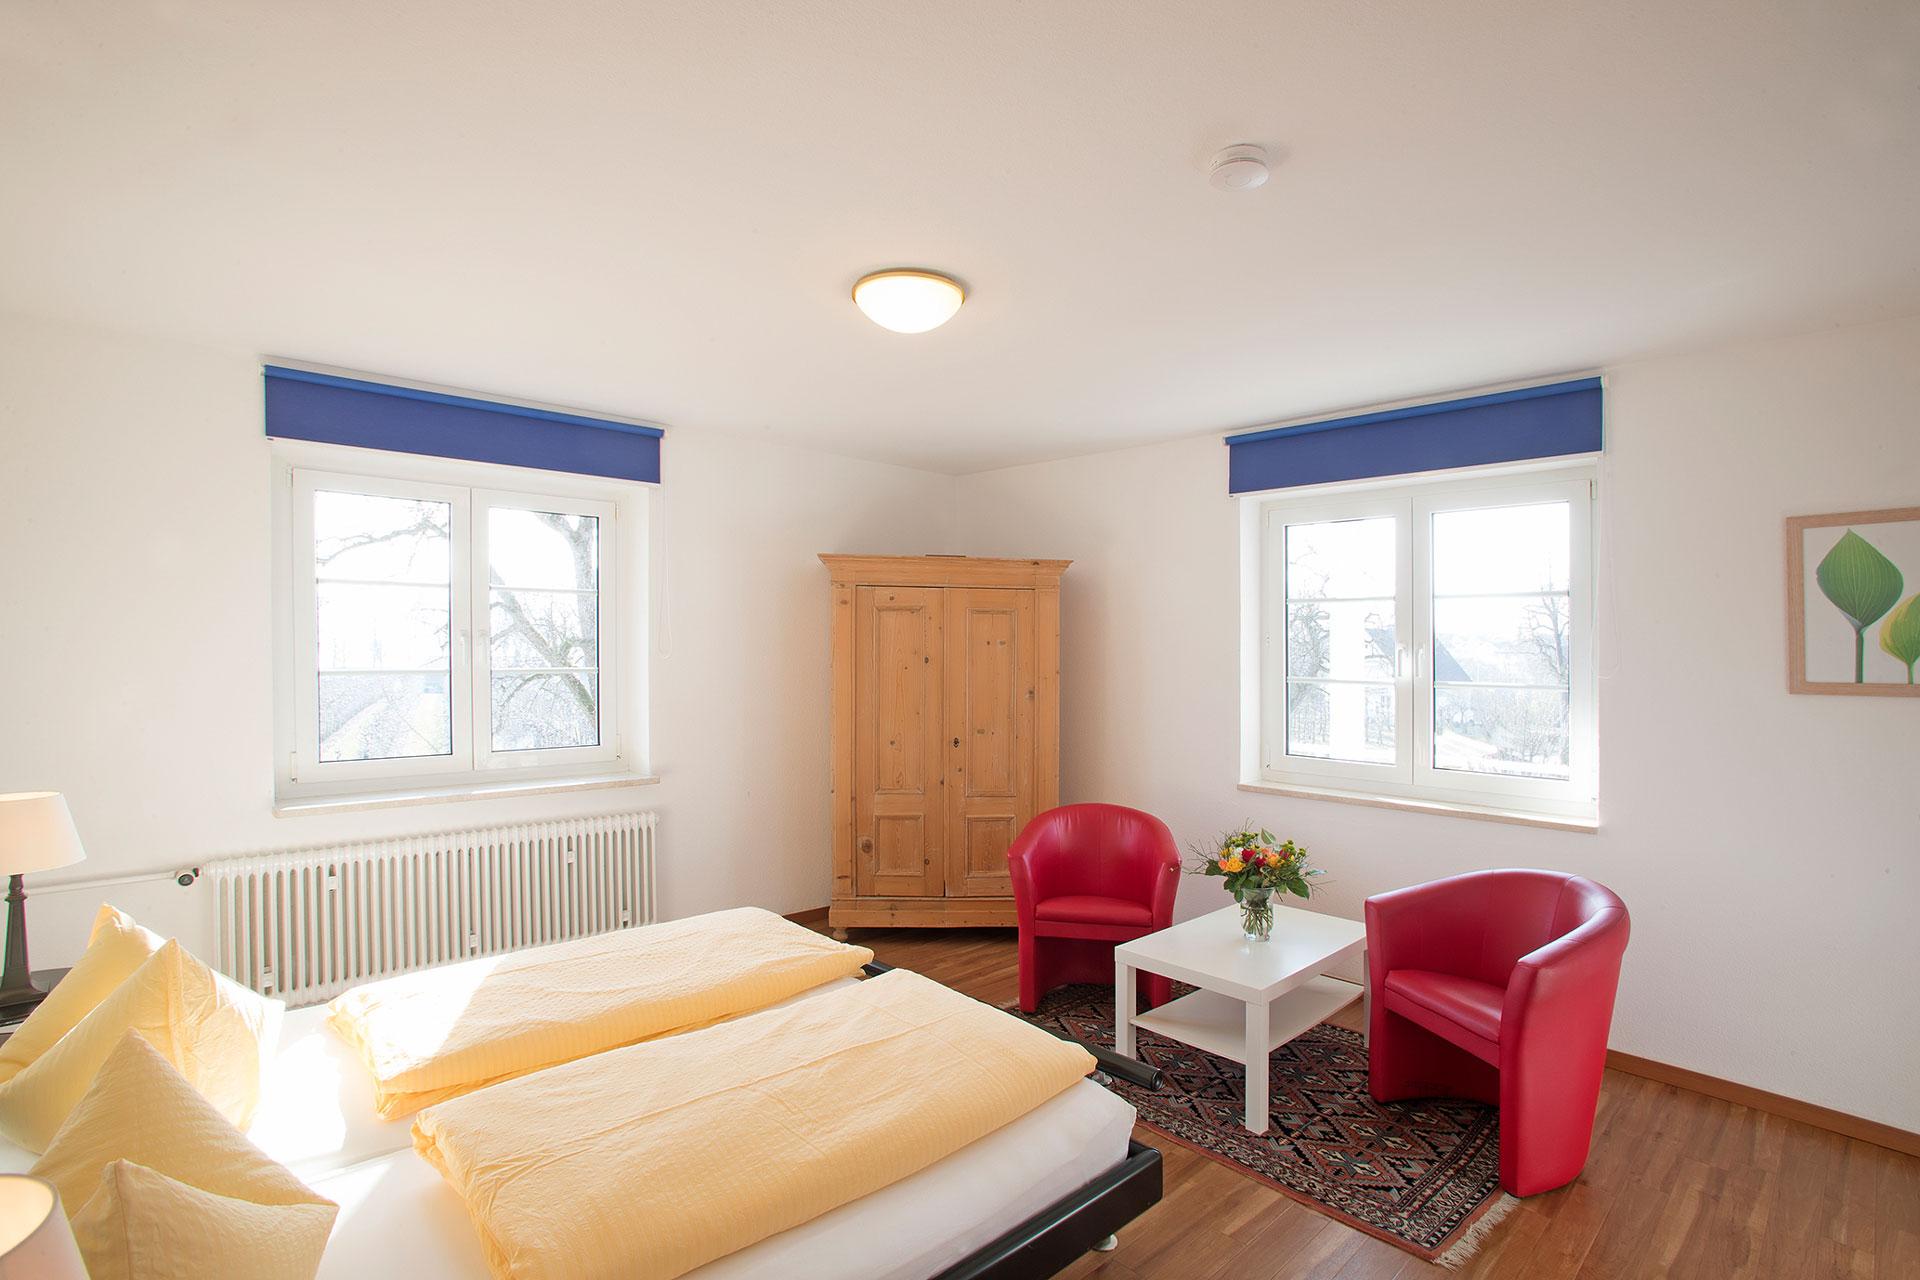 bodensee 60 qm ferienwohnungen z rn wasserburg bodensee. Black Bedroom Furniture Sets. Home Design Ideas